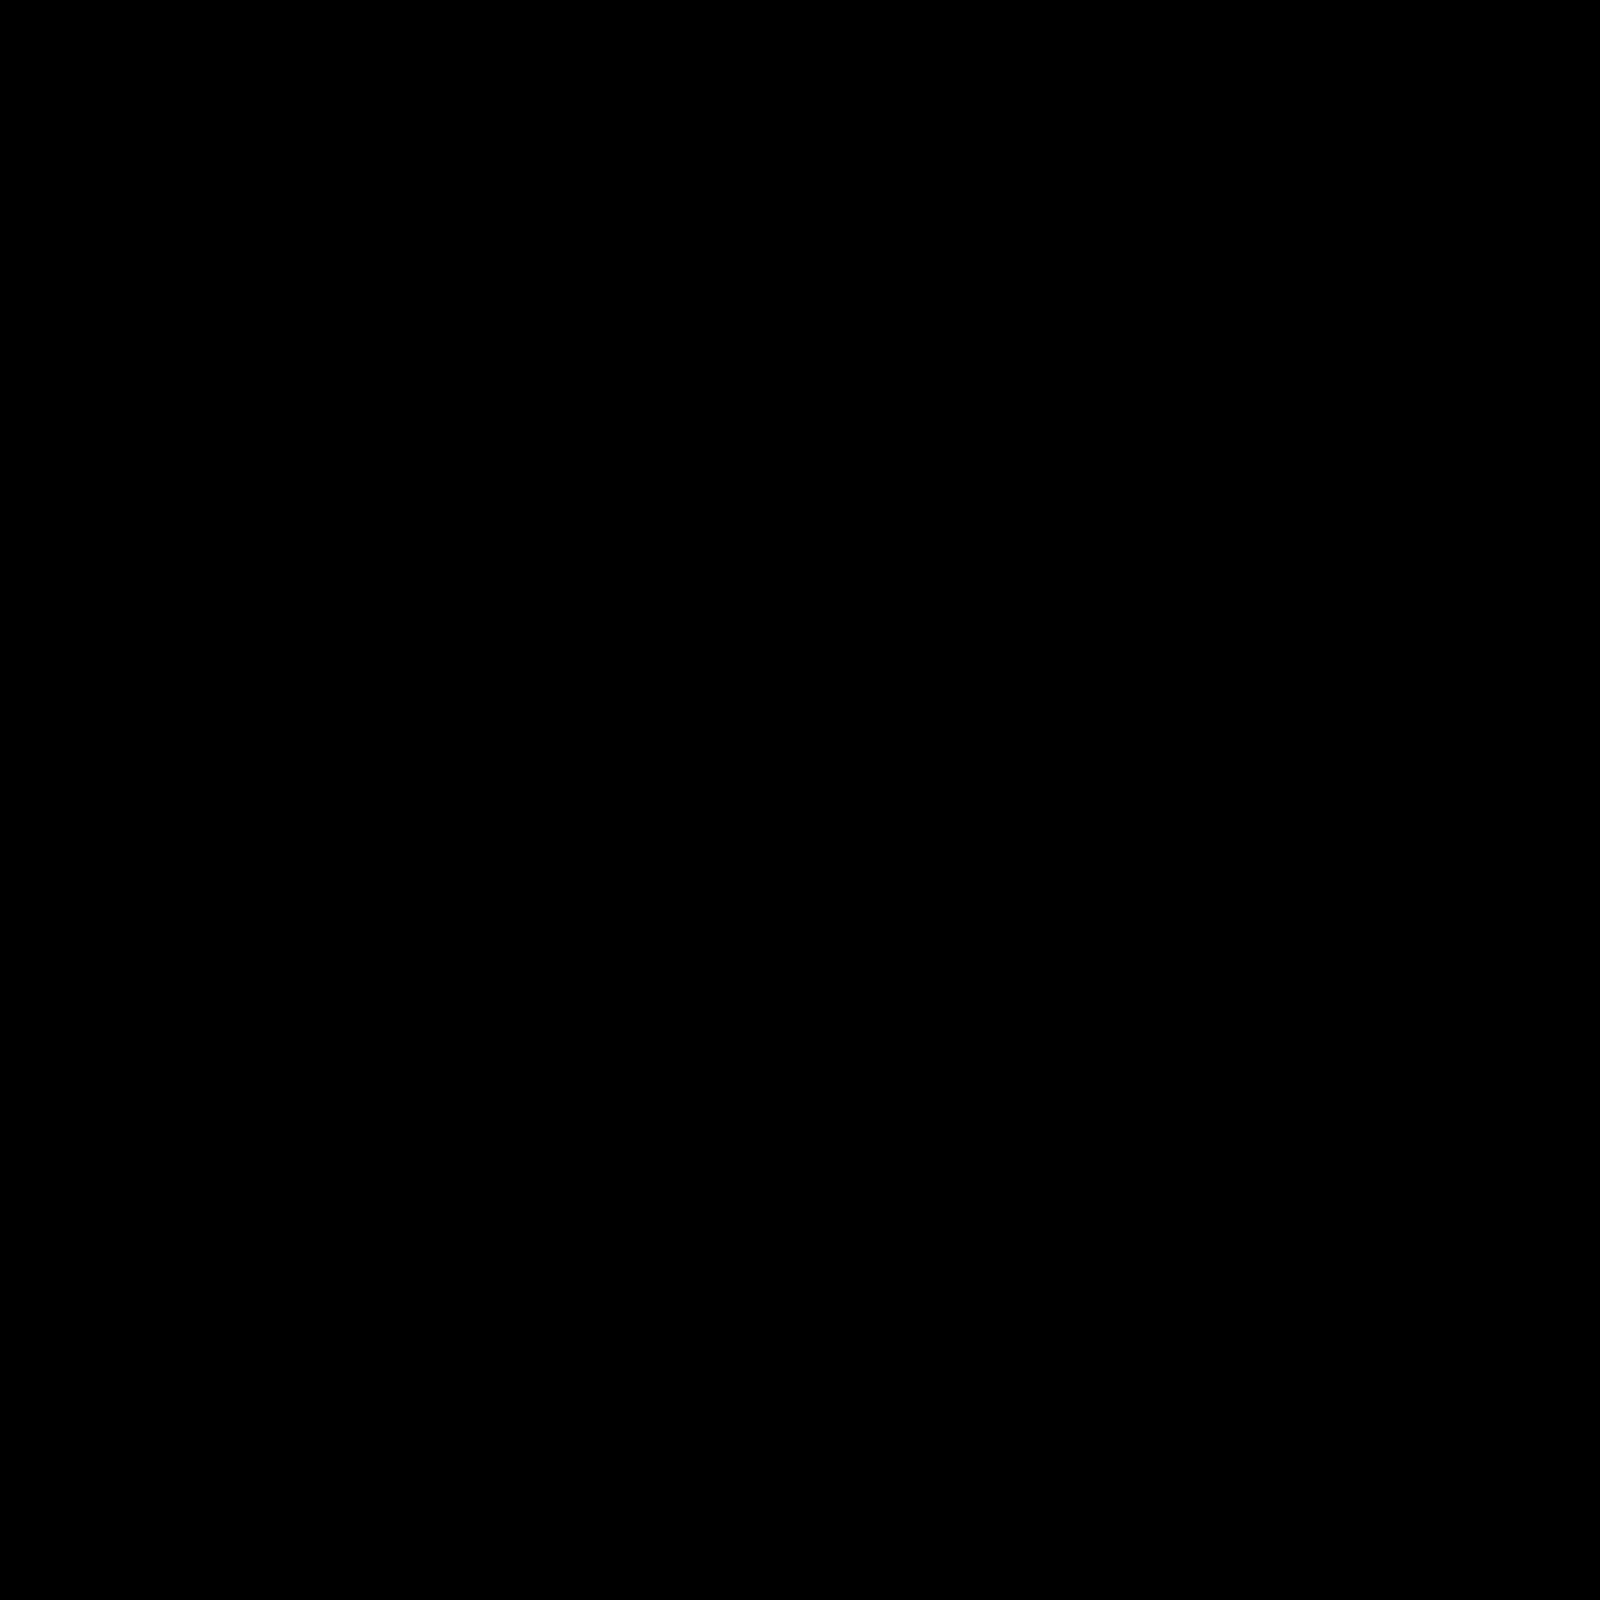 Żelazo w wysokiej temperaturze icon